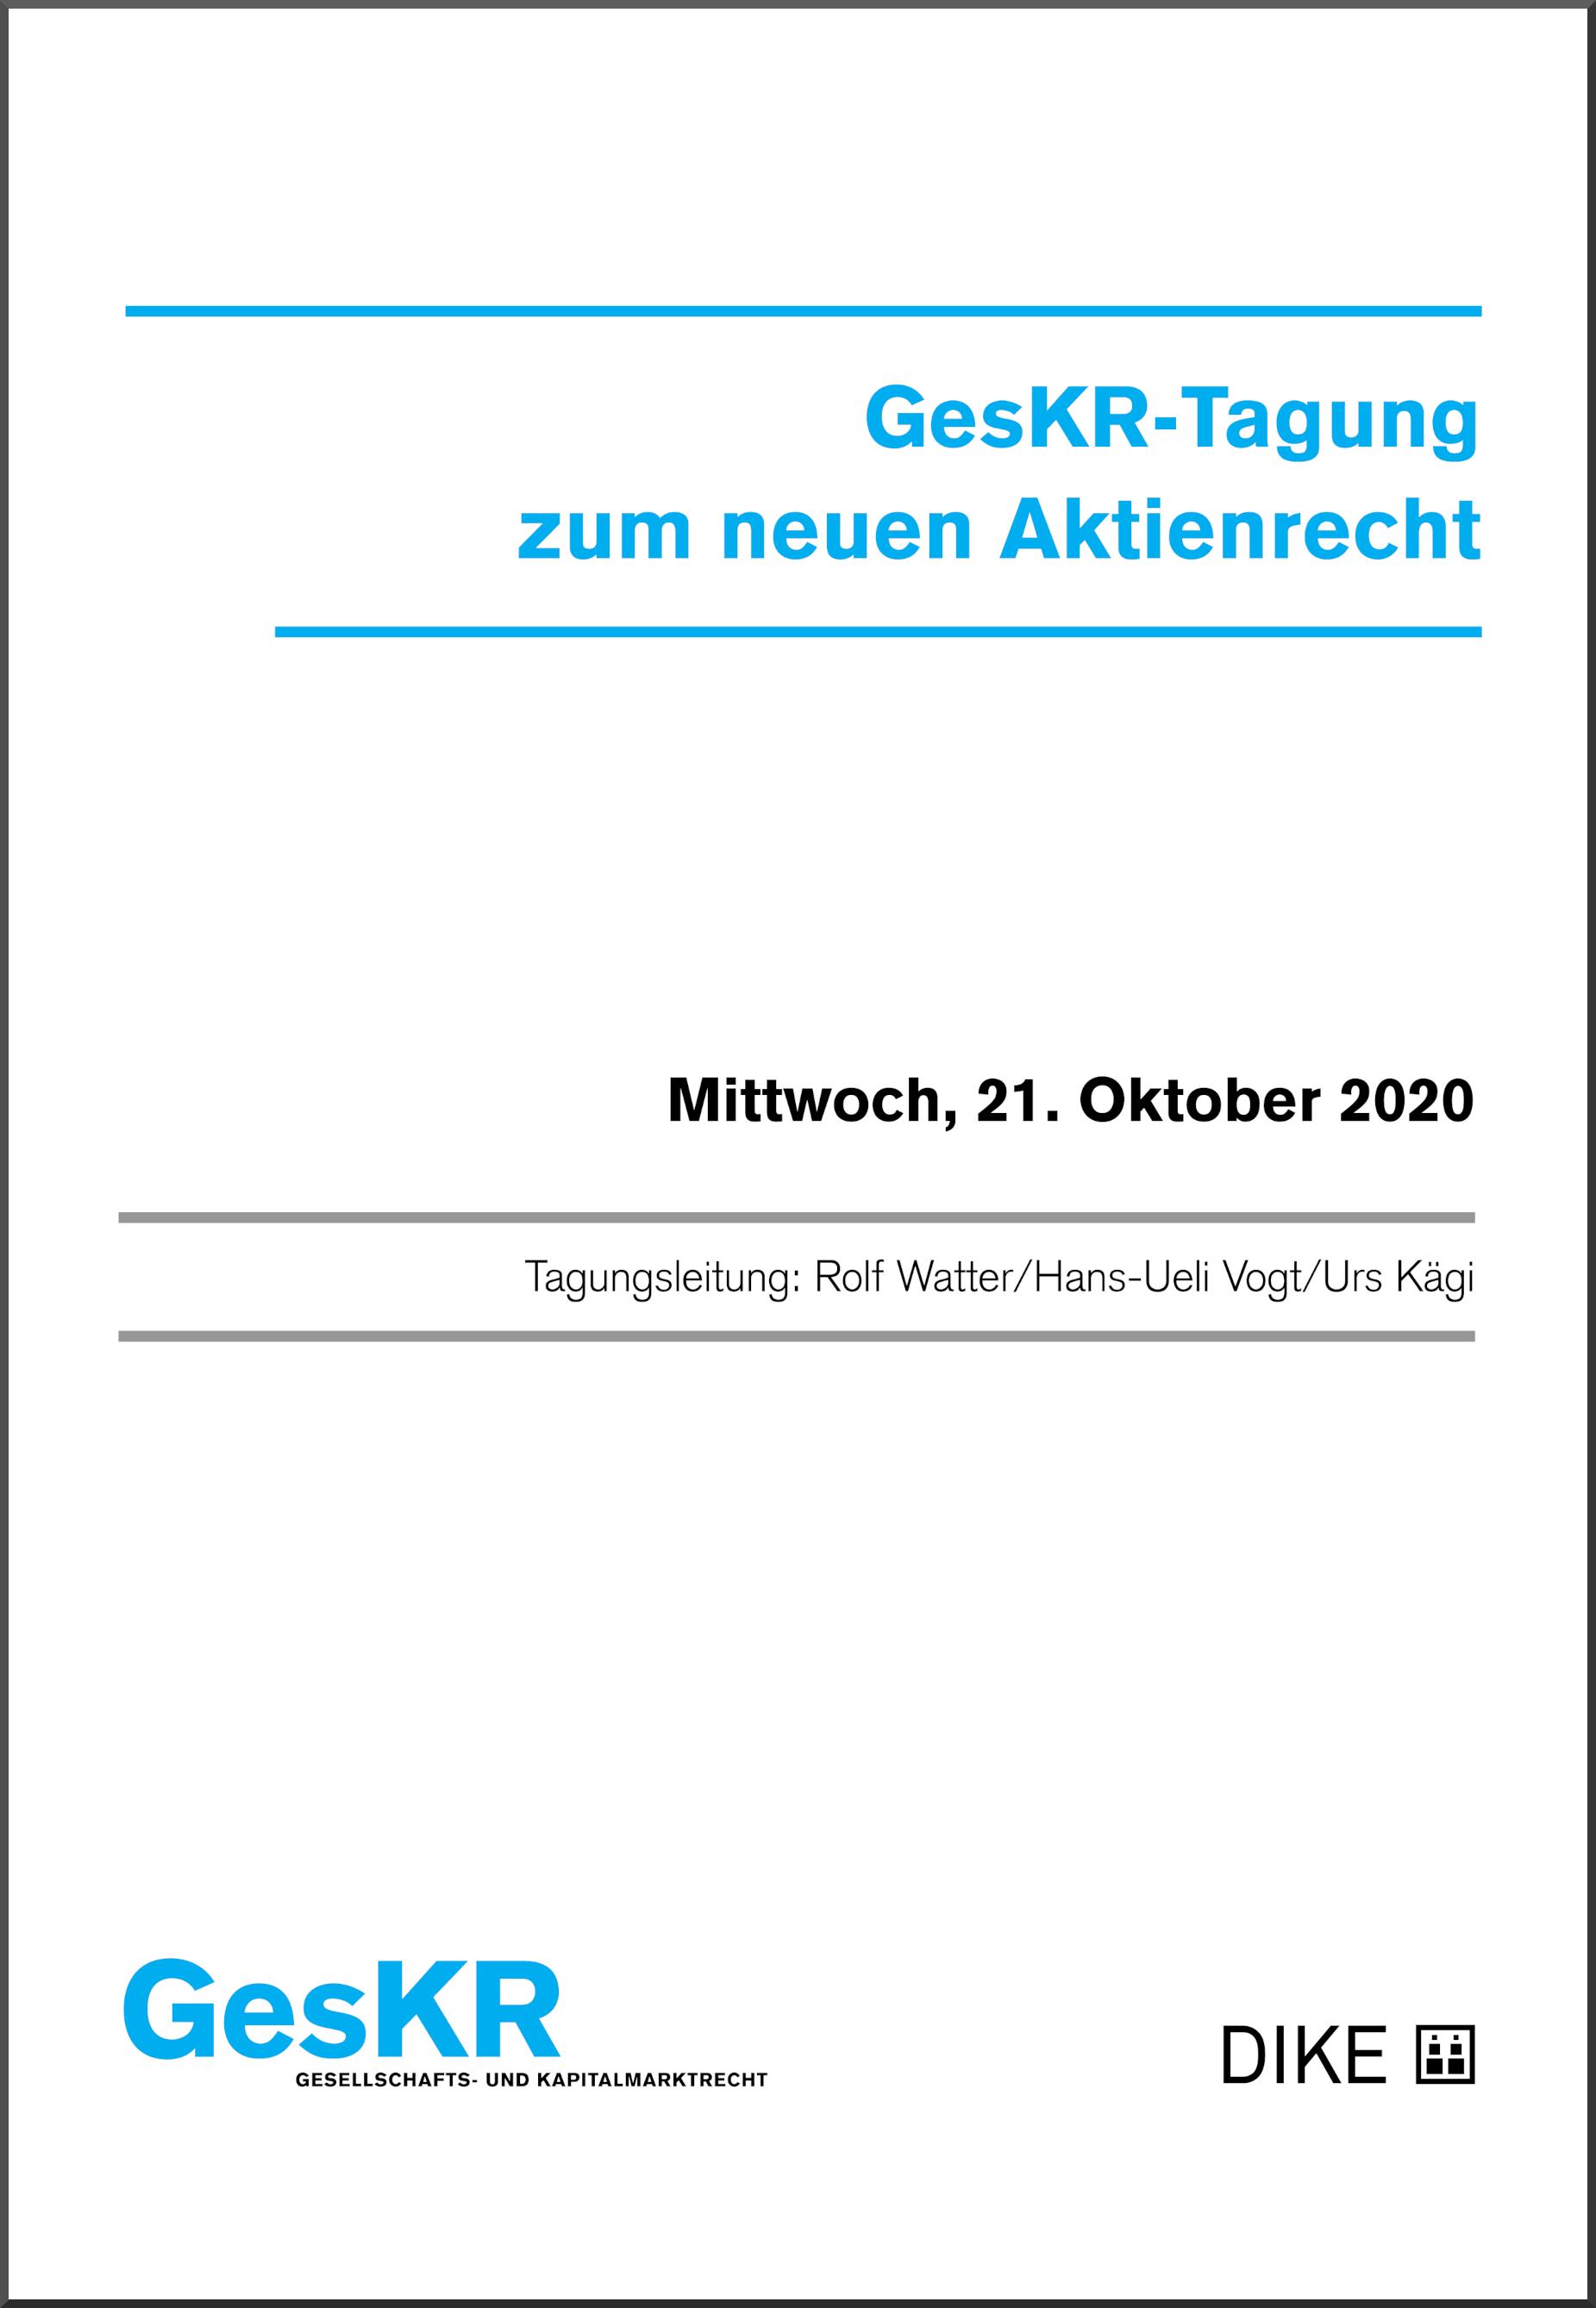 GesKR-Tagung  zum neuen Aktienrecht - Unternehmensverantwortungsinitiative